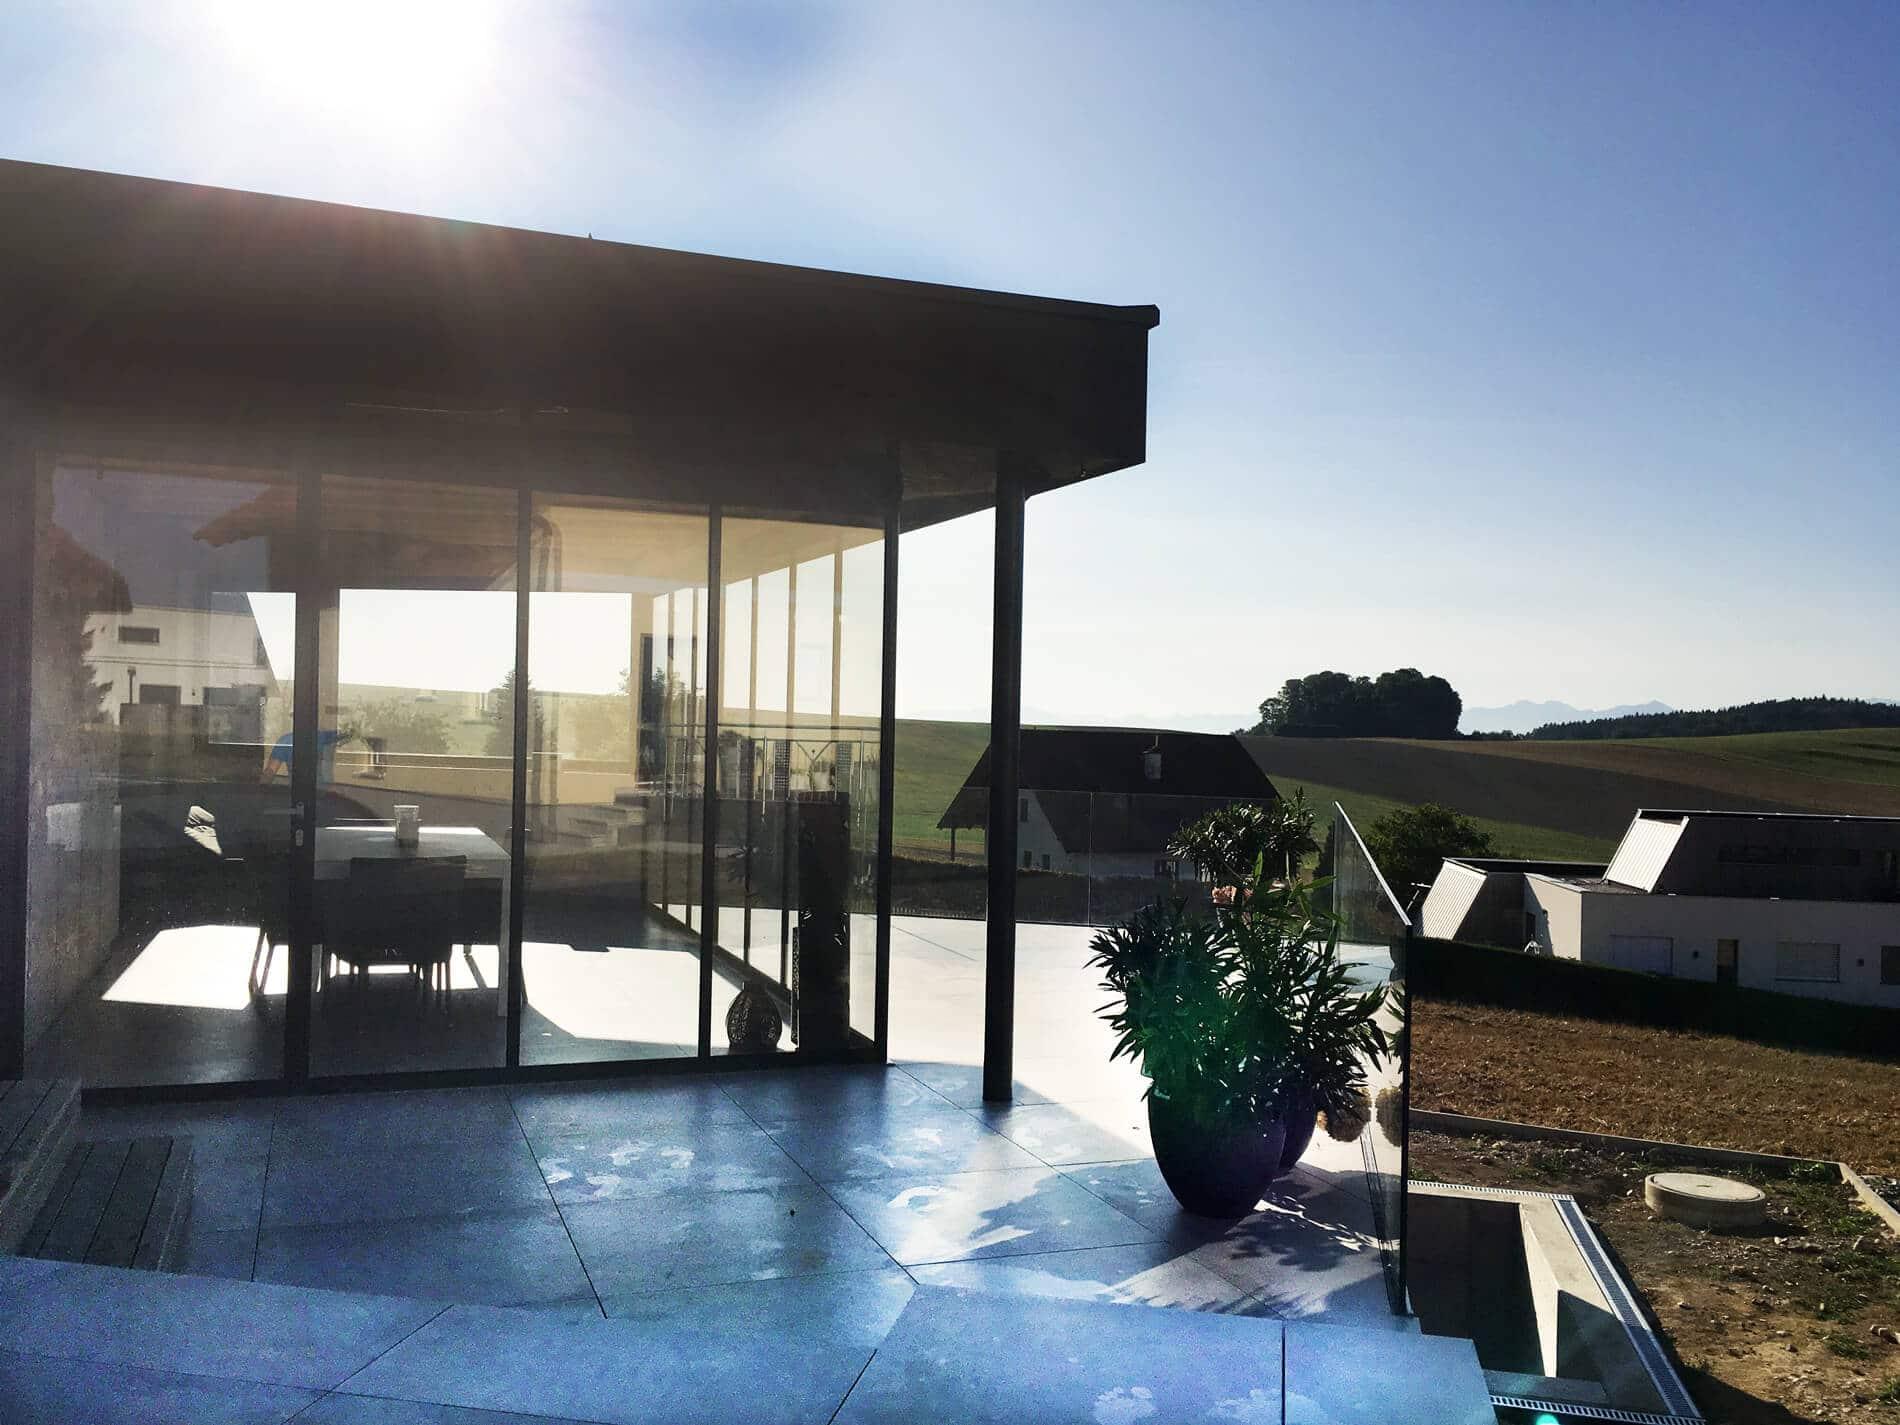 Gartenhaus Pool Glas-Schiebetüren